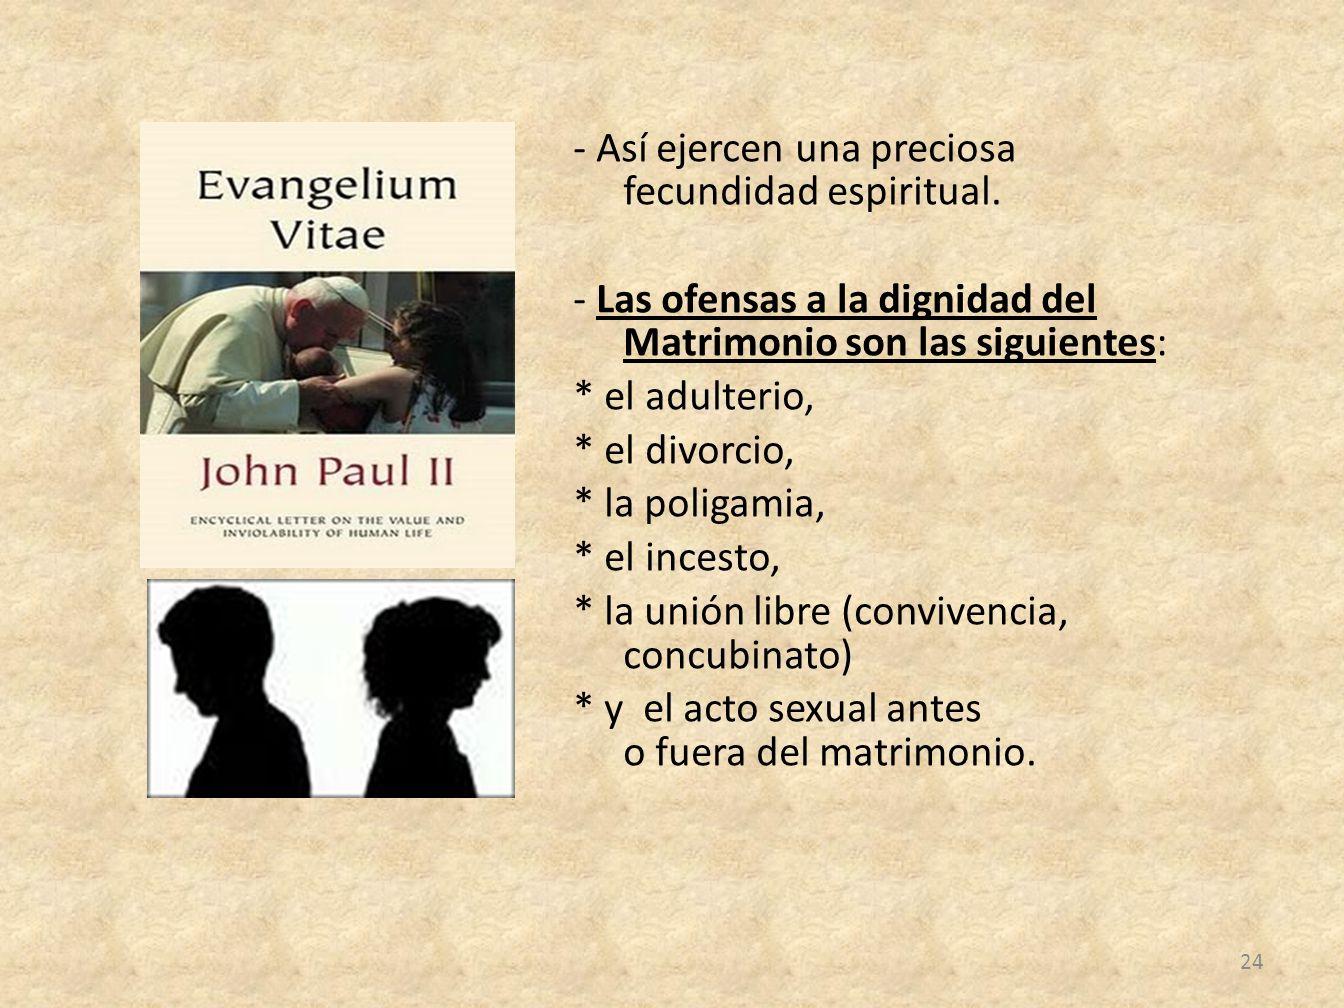 - Así ejercen una preciosa fecundidad espiritual. - Las ofensas a la dignidad del Matrimonio son las siguientes: * el adulterio, * el divorcio, * la p